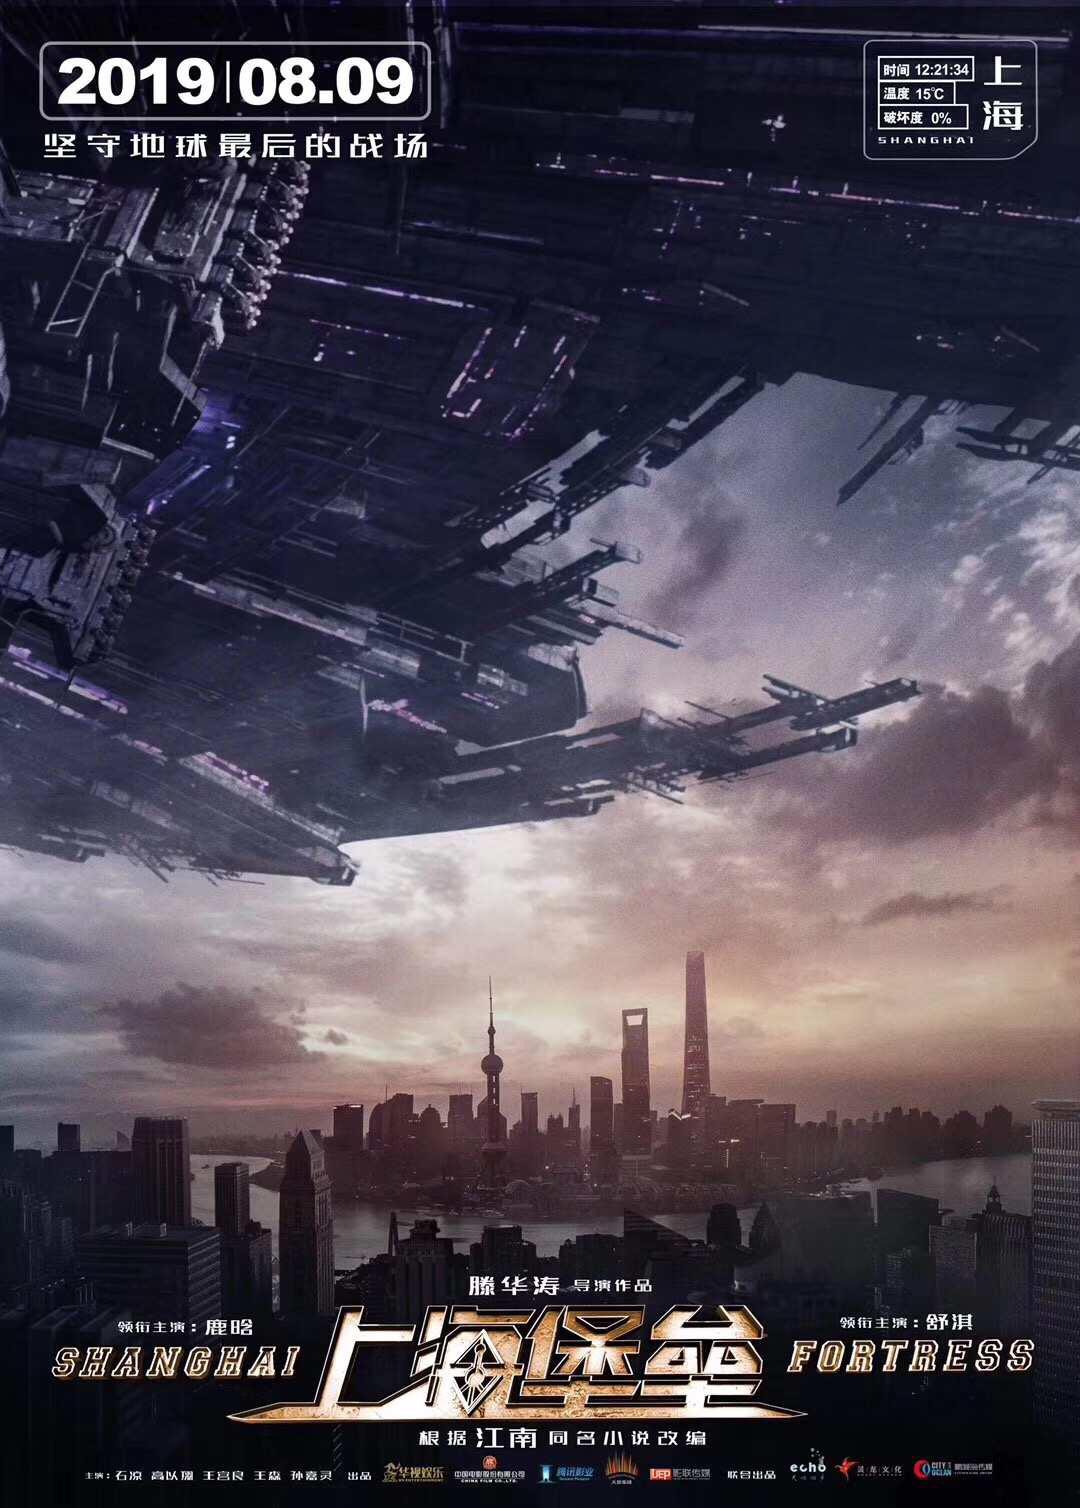 8月9号影院见!滕华涛电影作品《上海堡垒》